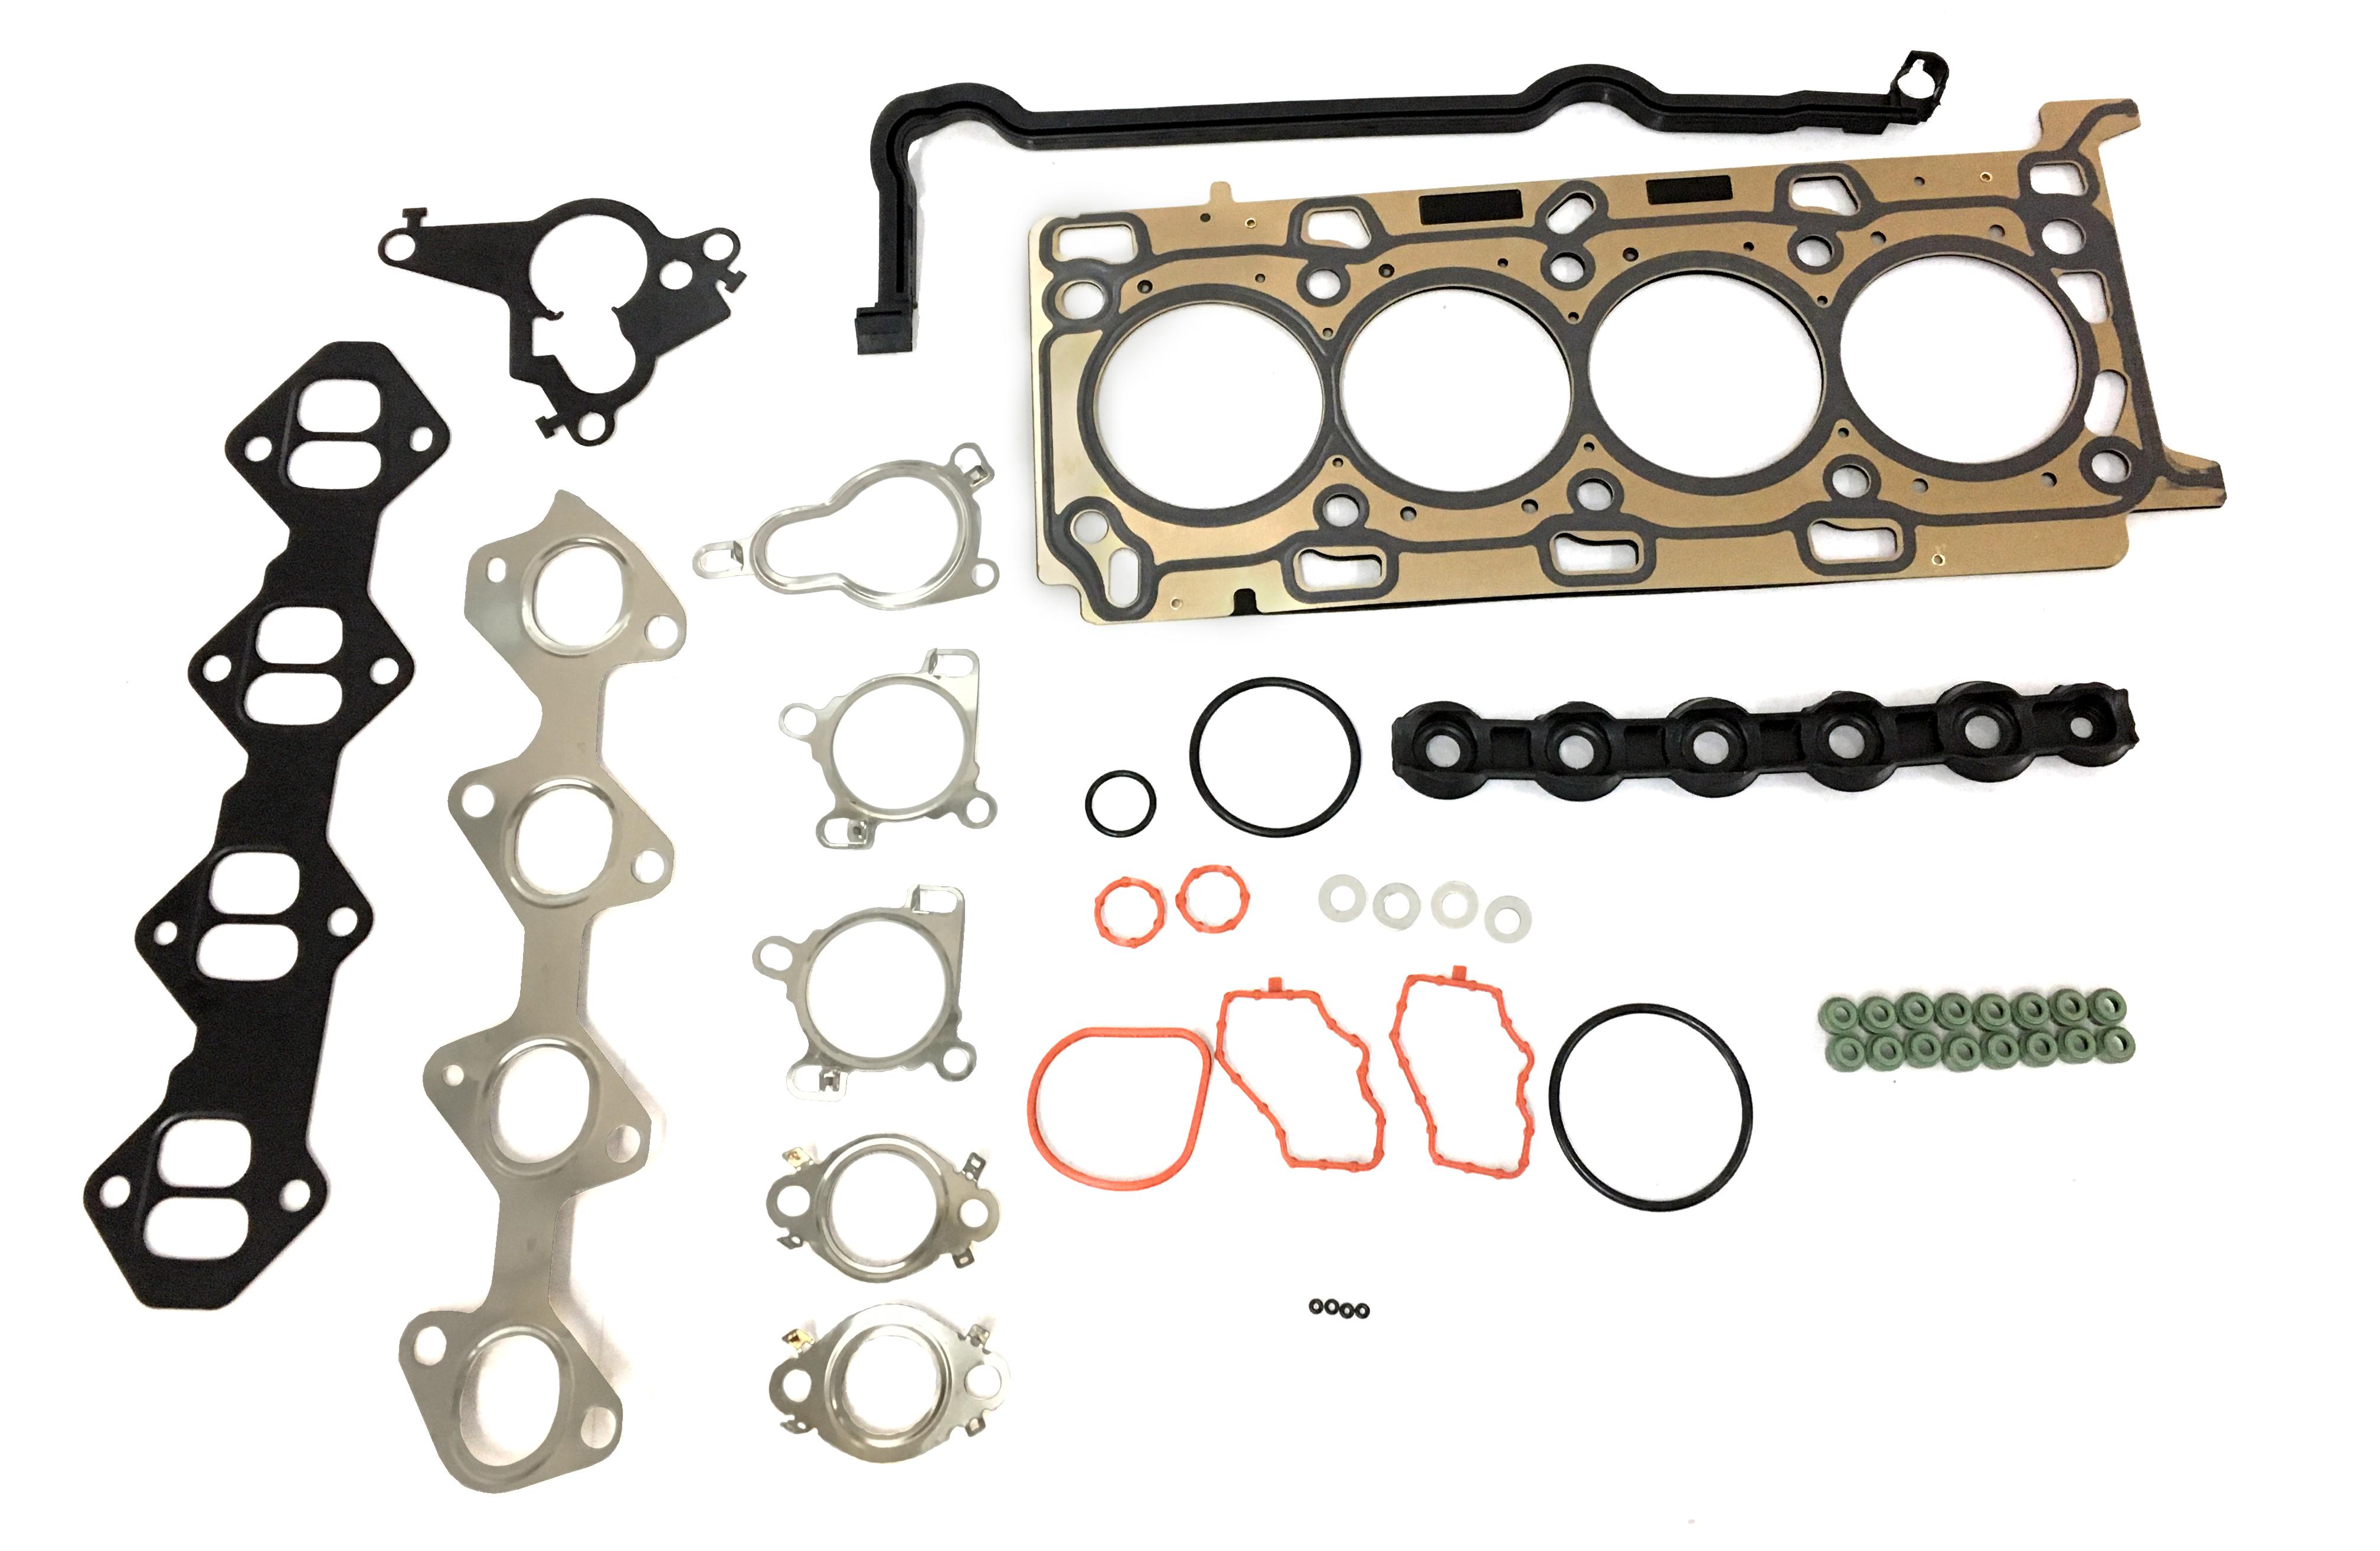 Kit de joints de Culasse Opel Vivaro Renault 2,0 CDTI M9R M9R780 NOUVEAU